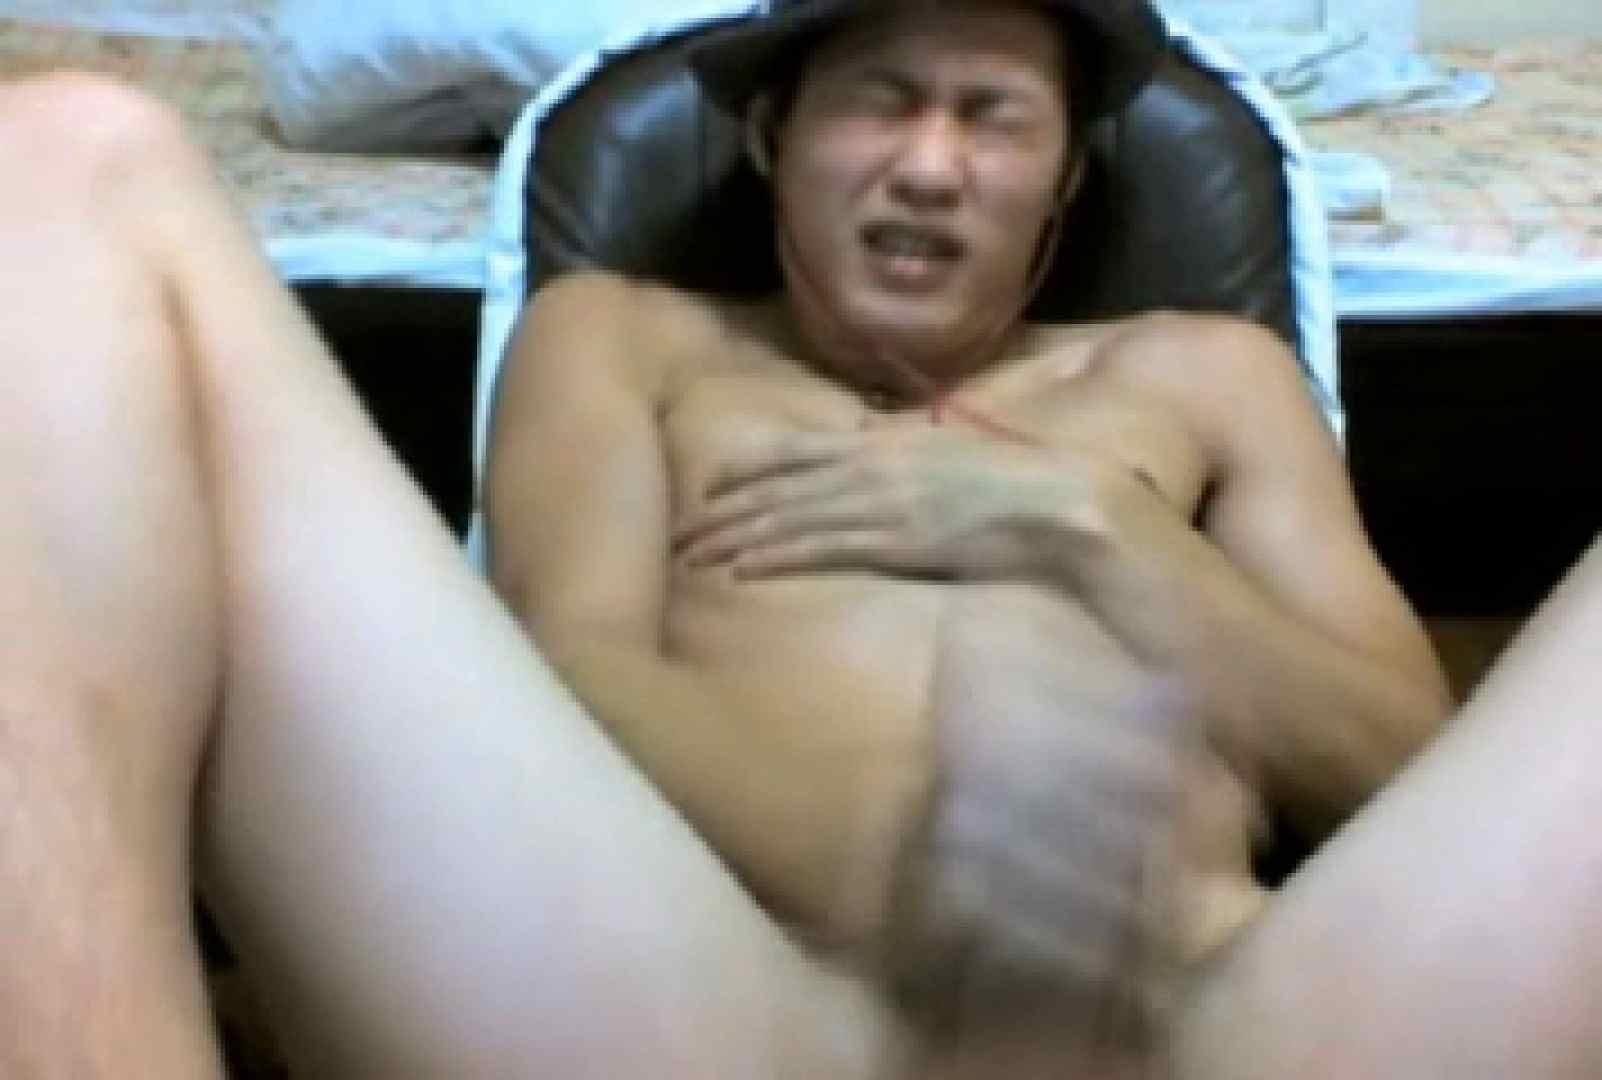 【流出】マグニチュード 072!! vol2 スポーツマン | ゲイのオナニー映像  83枚 81